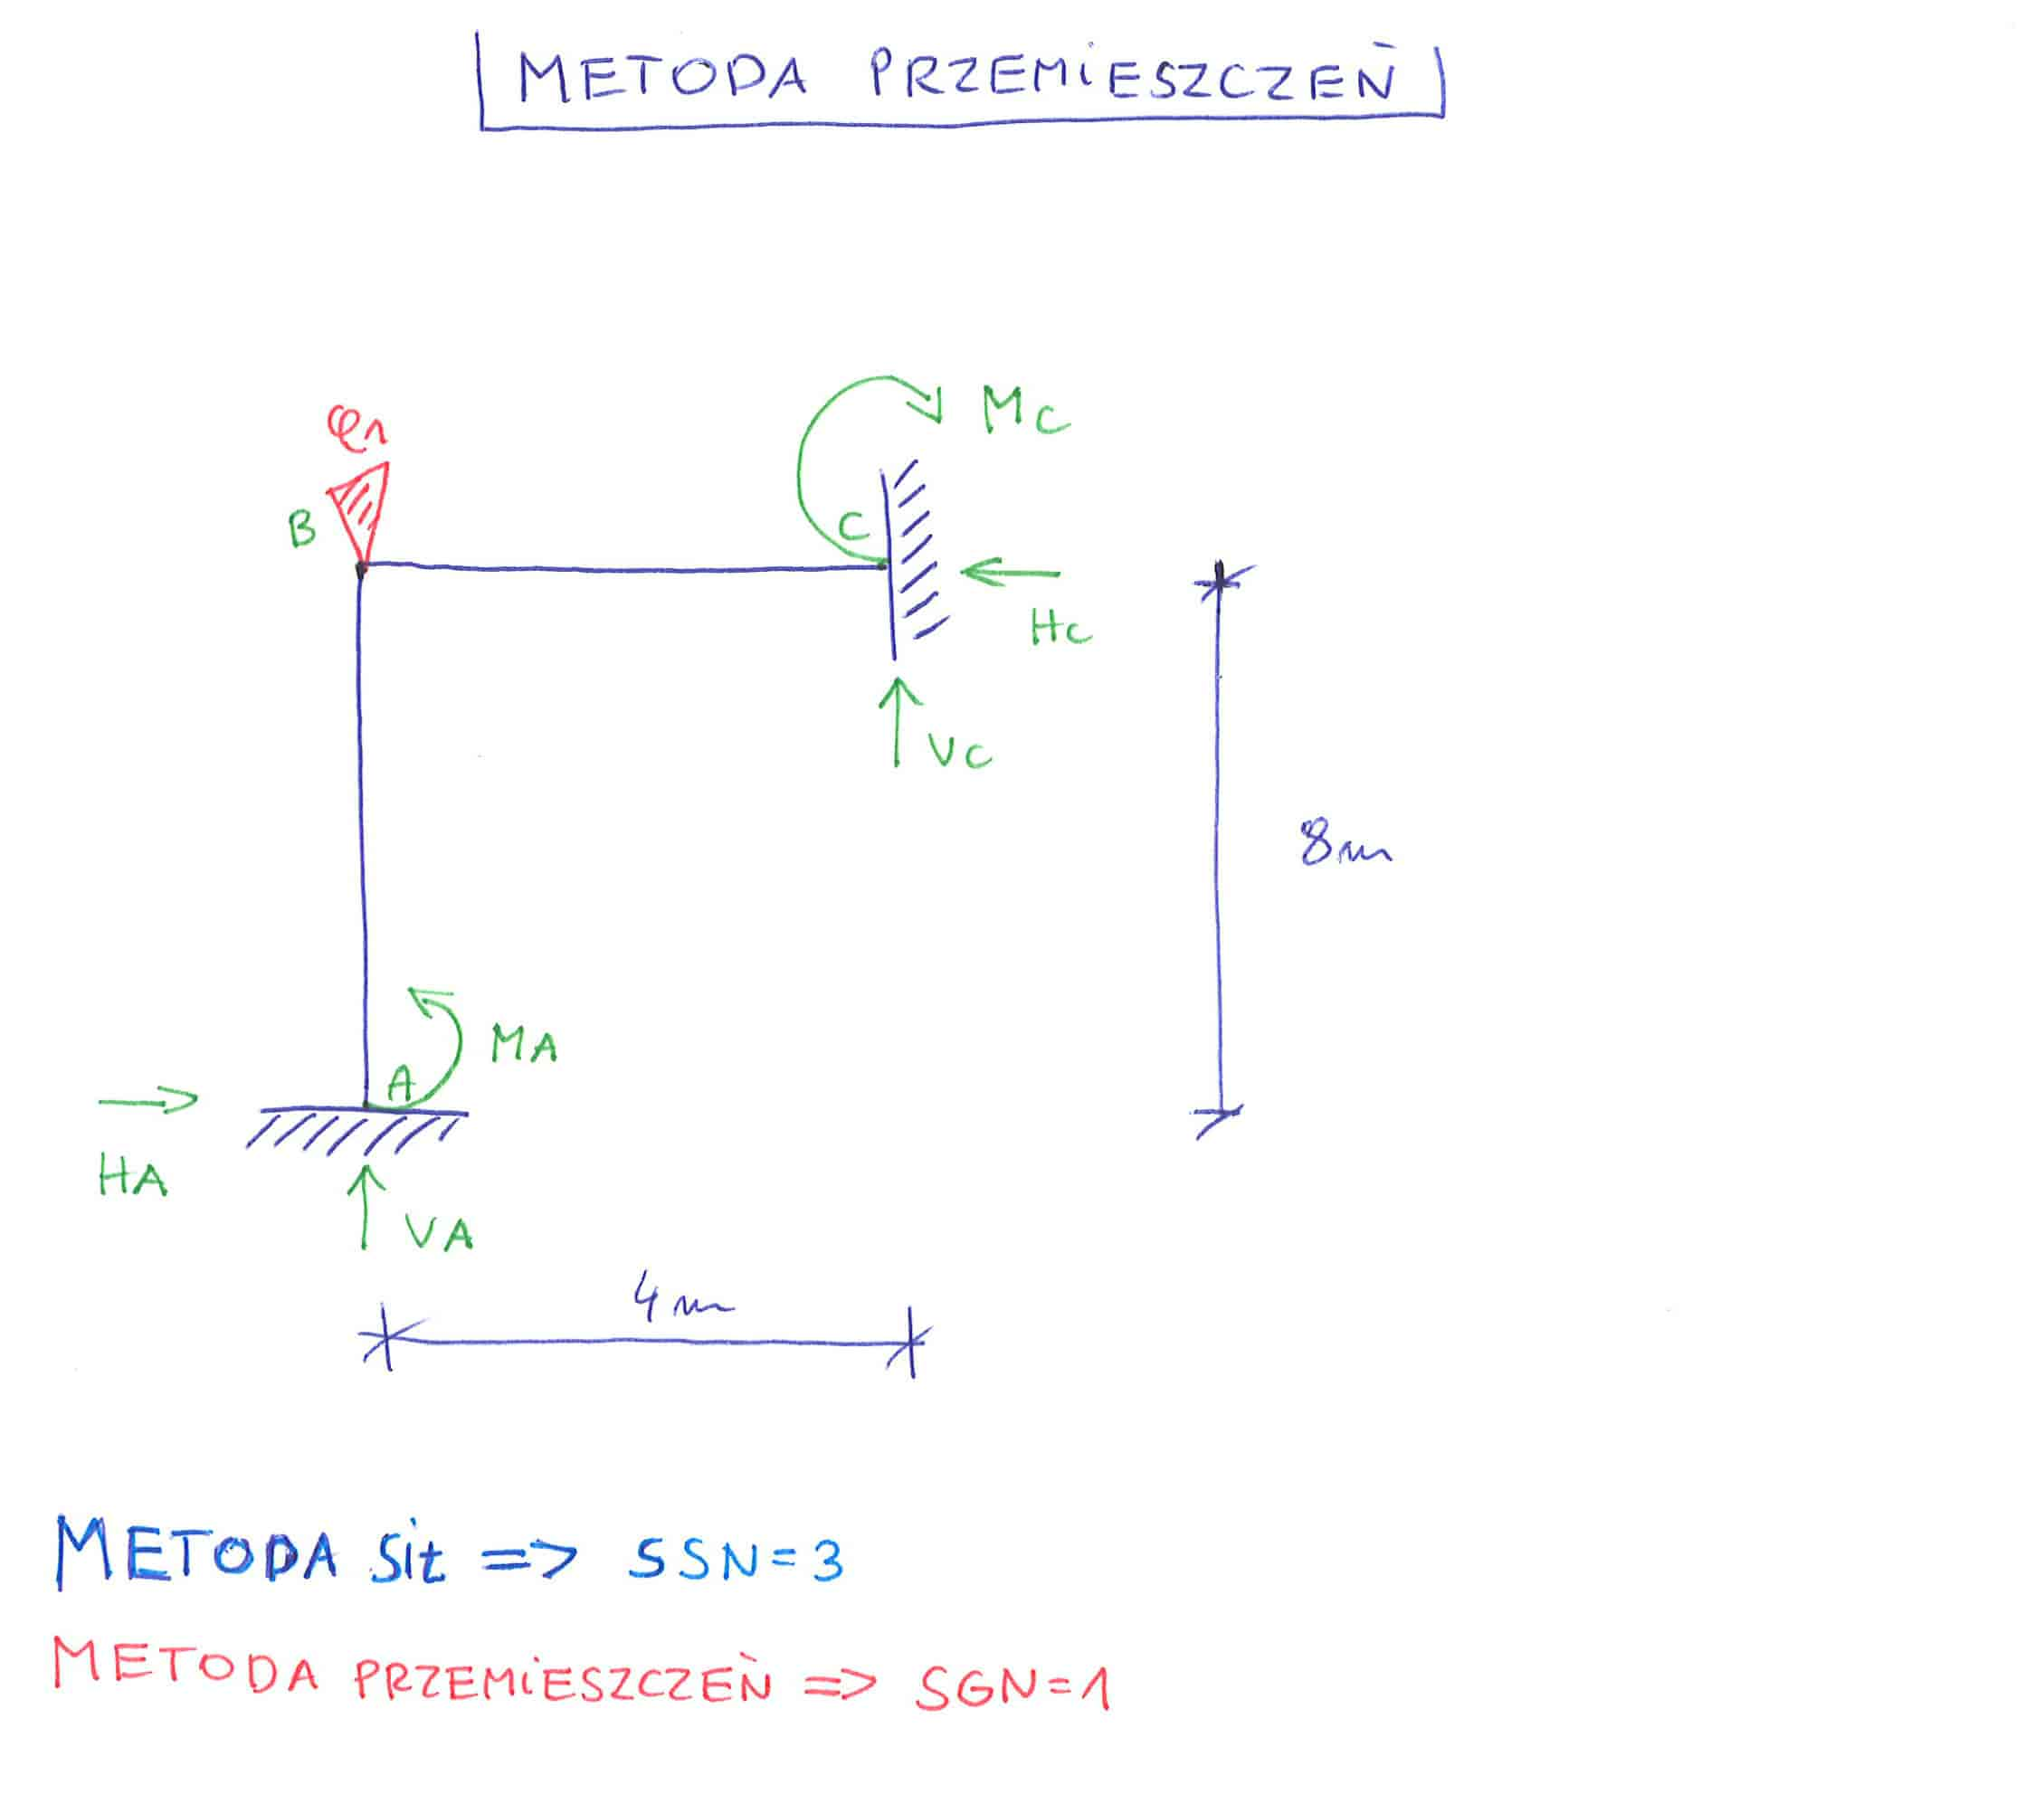 metoda przemieszczeń metoda sił różnice układ podstawowy